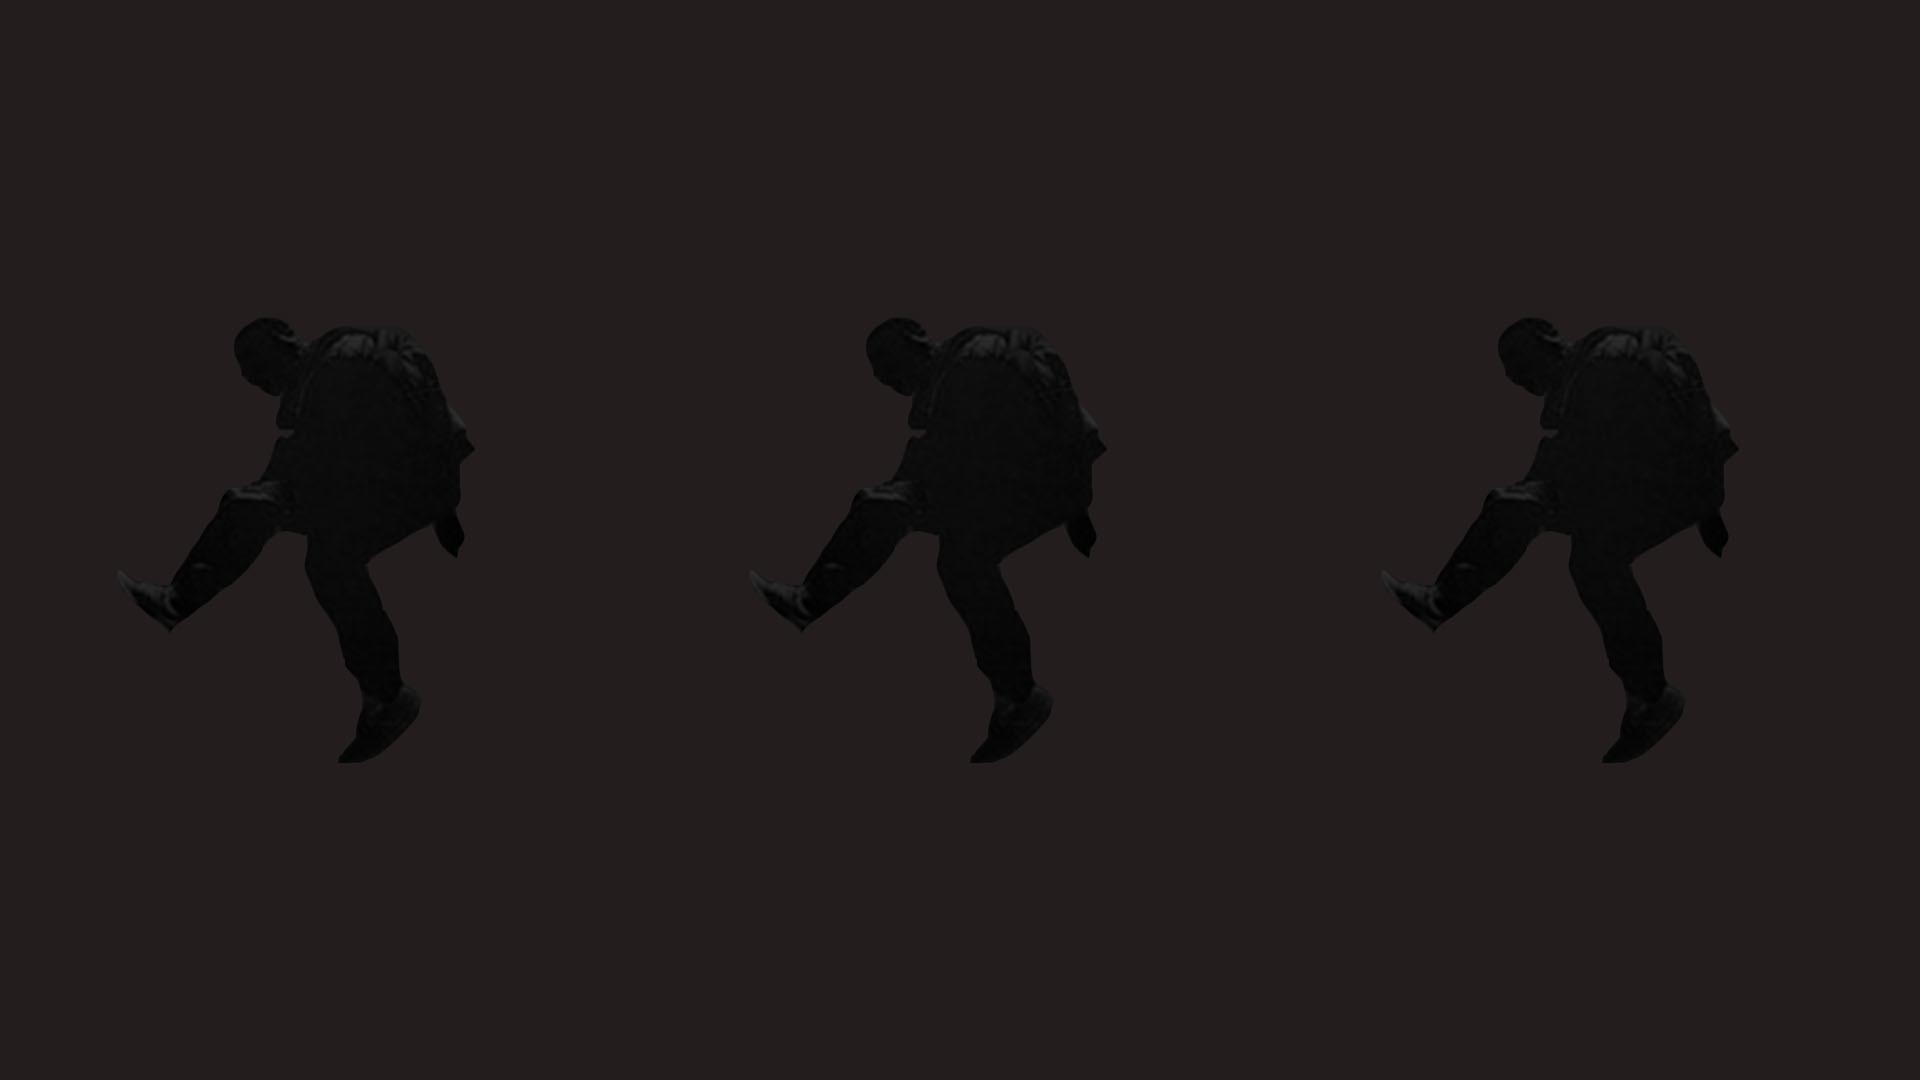 [1920×1080] [Kanye West] Simple dark desktop wallpaper Need #iPhone #6S